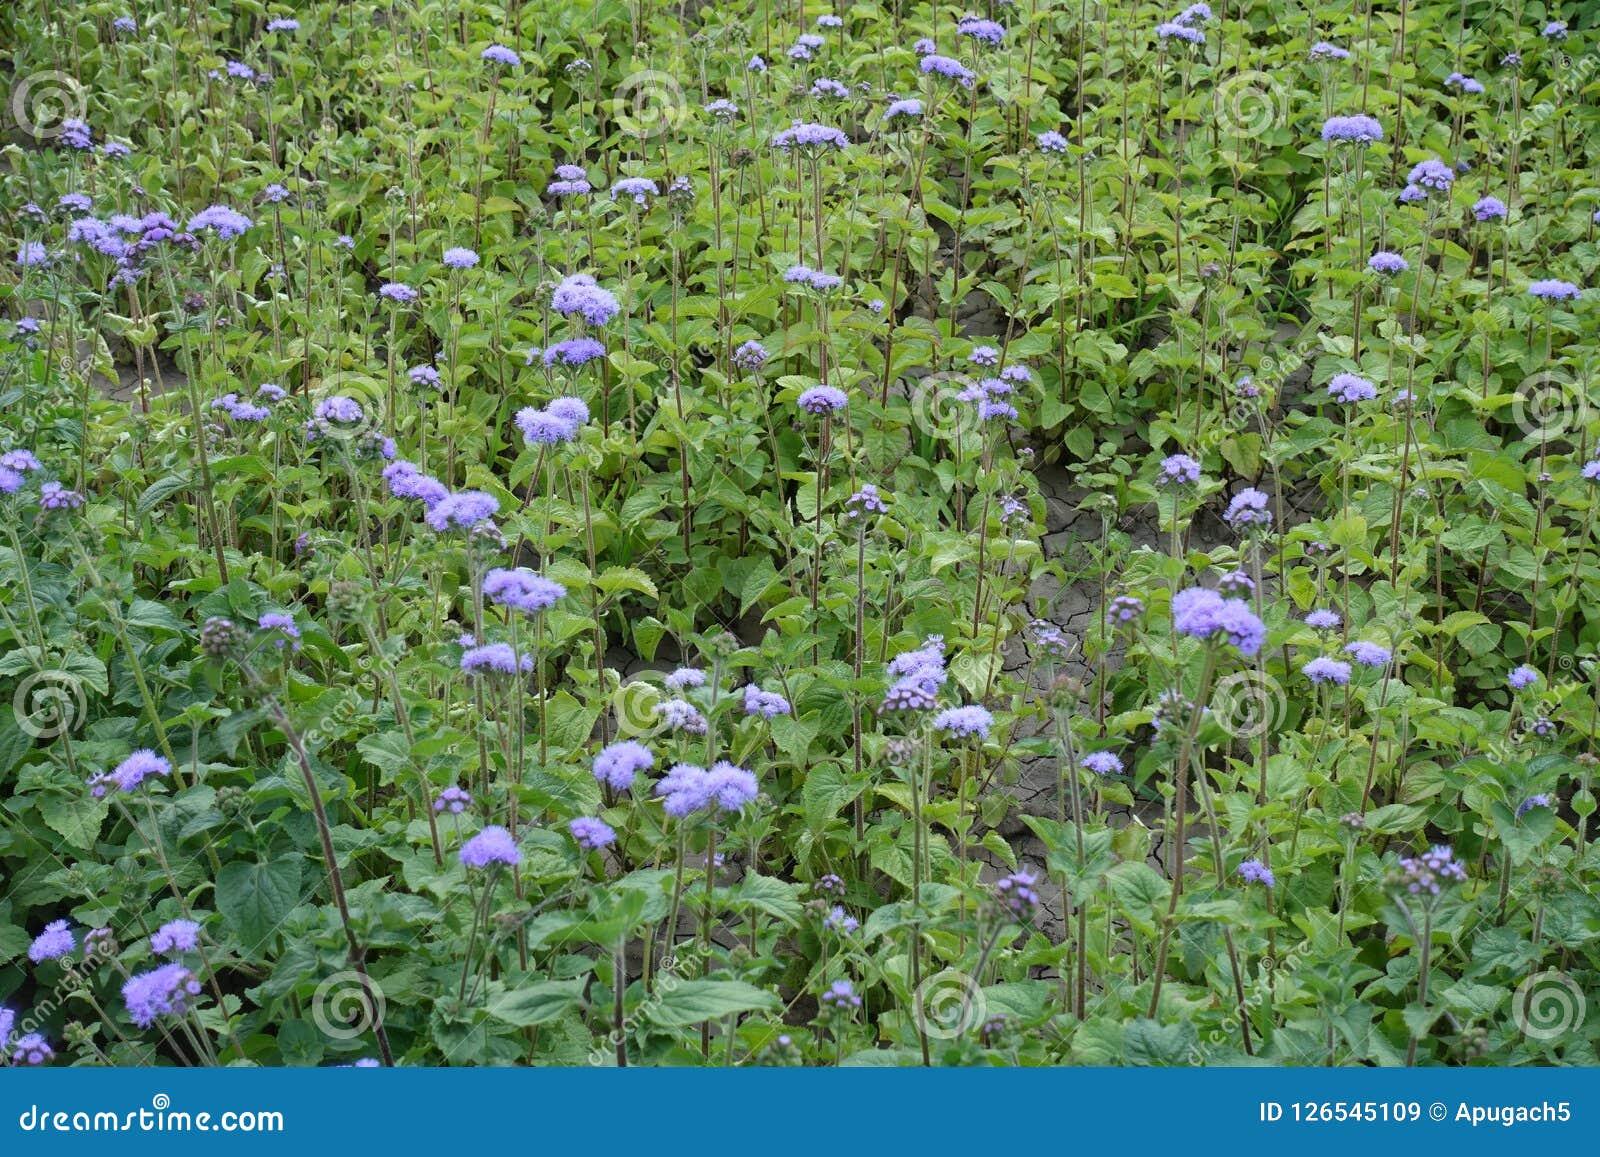 藿香蓟属houstonianum许多紫罗兰色花